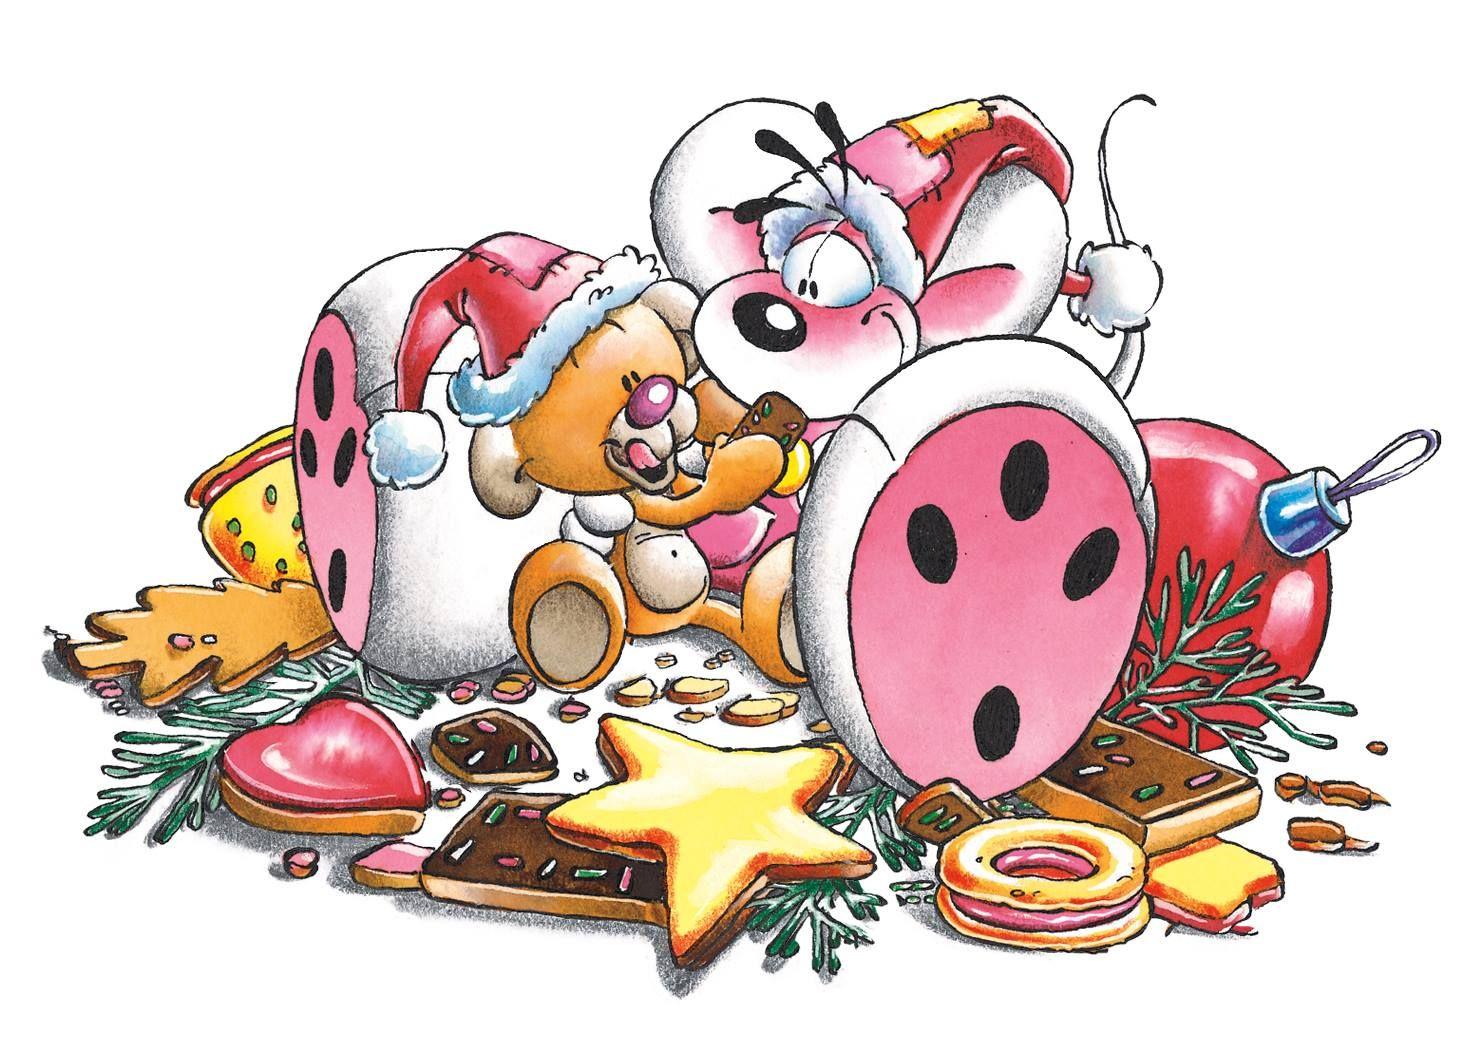 Puzzelstukjes Met Diddl En Oplossing Diddl Kerst Beer Koekjes Orig Plaatje Diddl Kerst Koekjes Zeichentrick Winter Weihnachten Diddel Maus